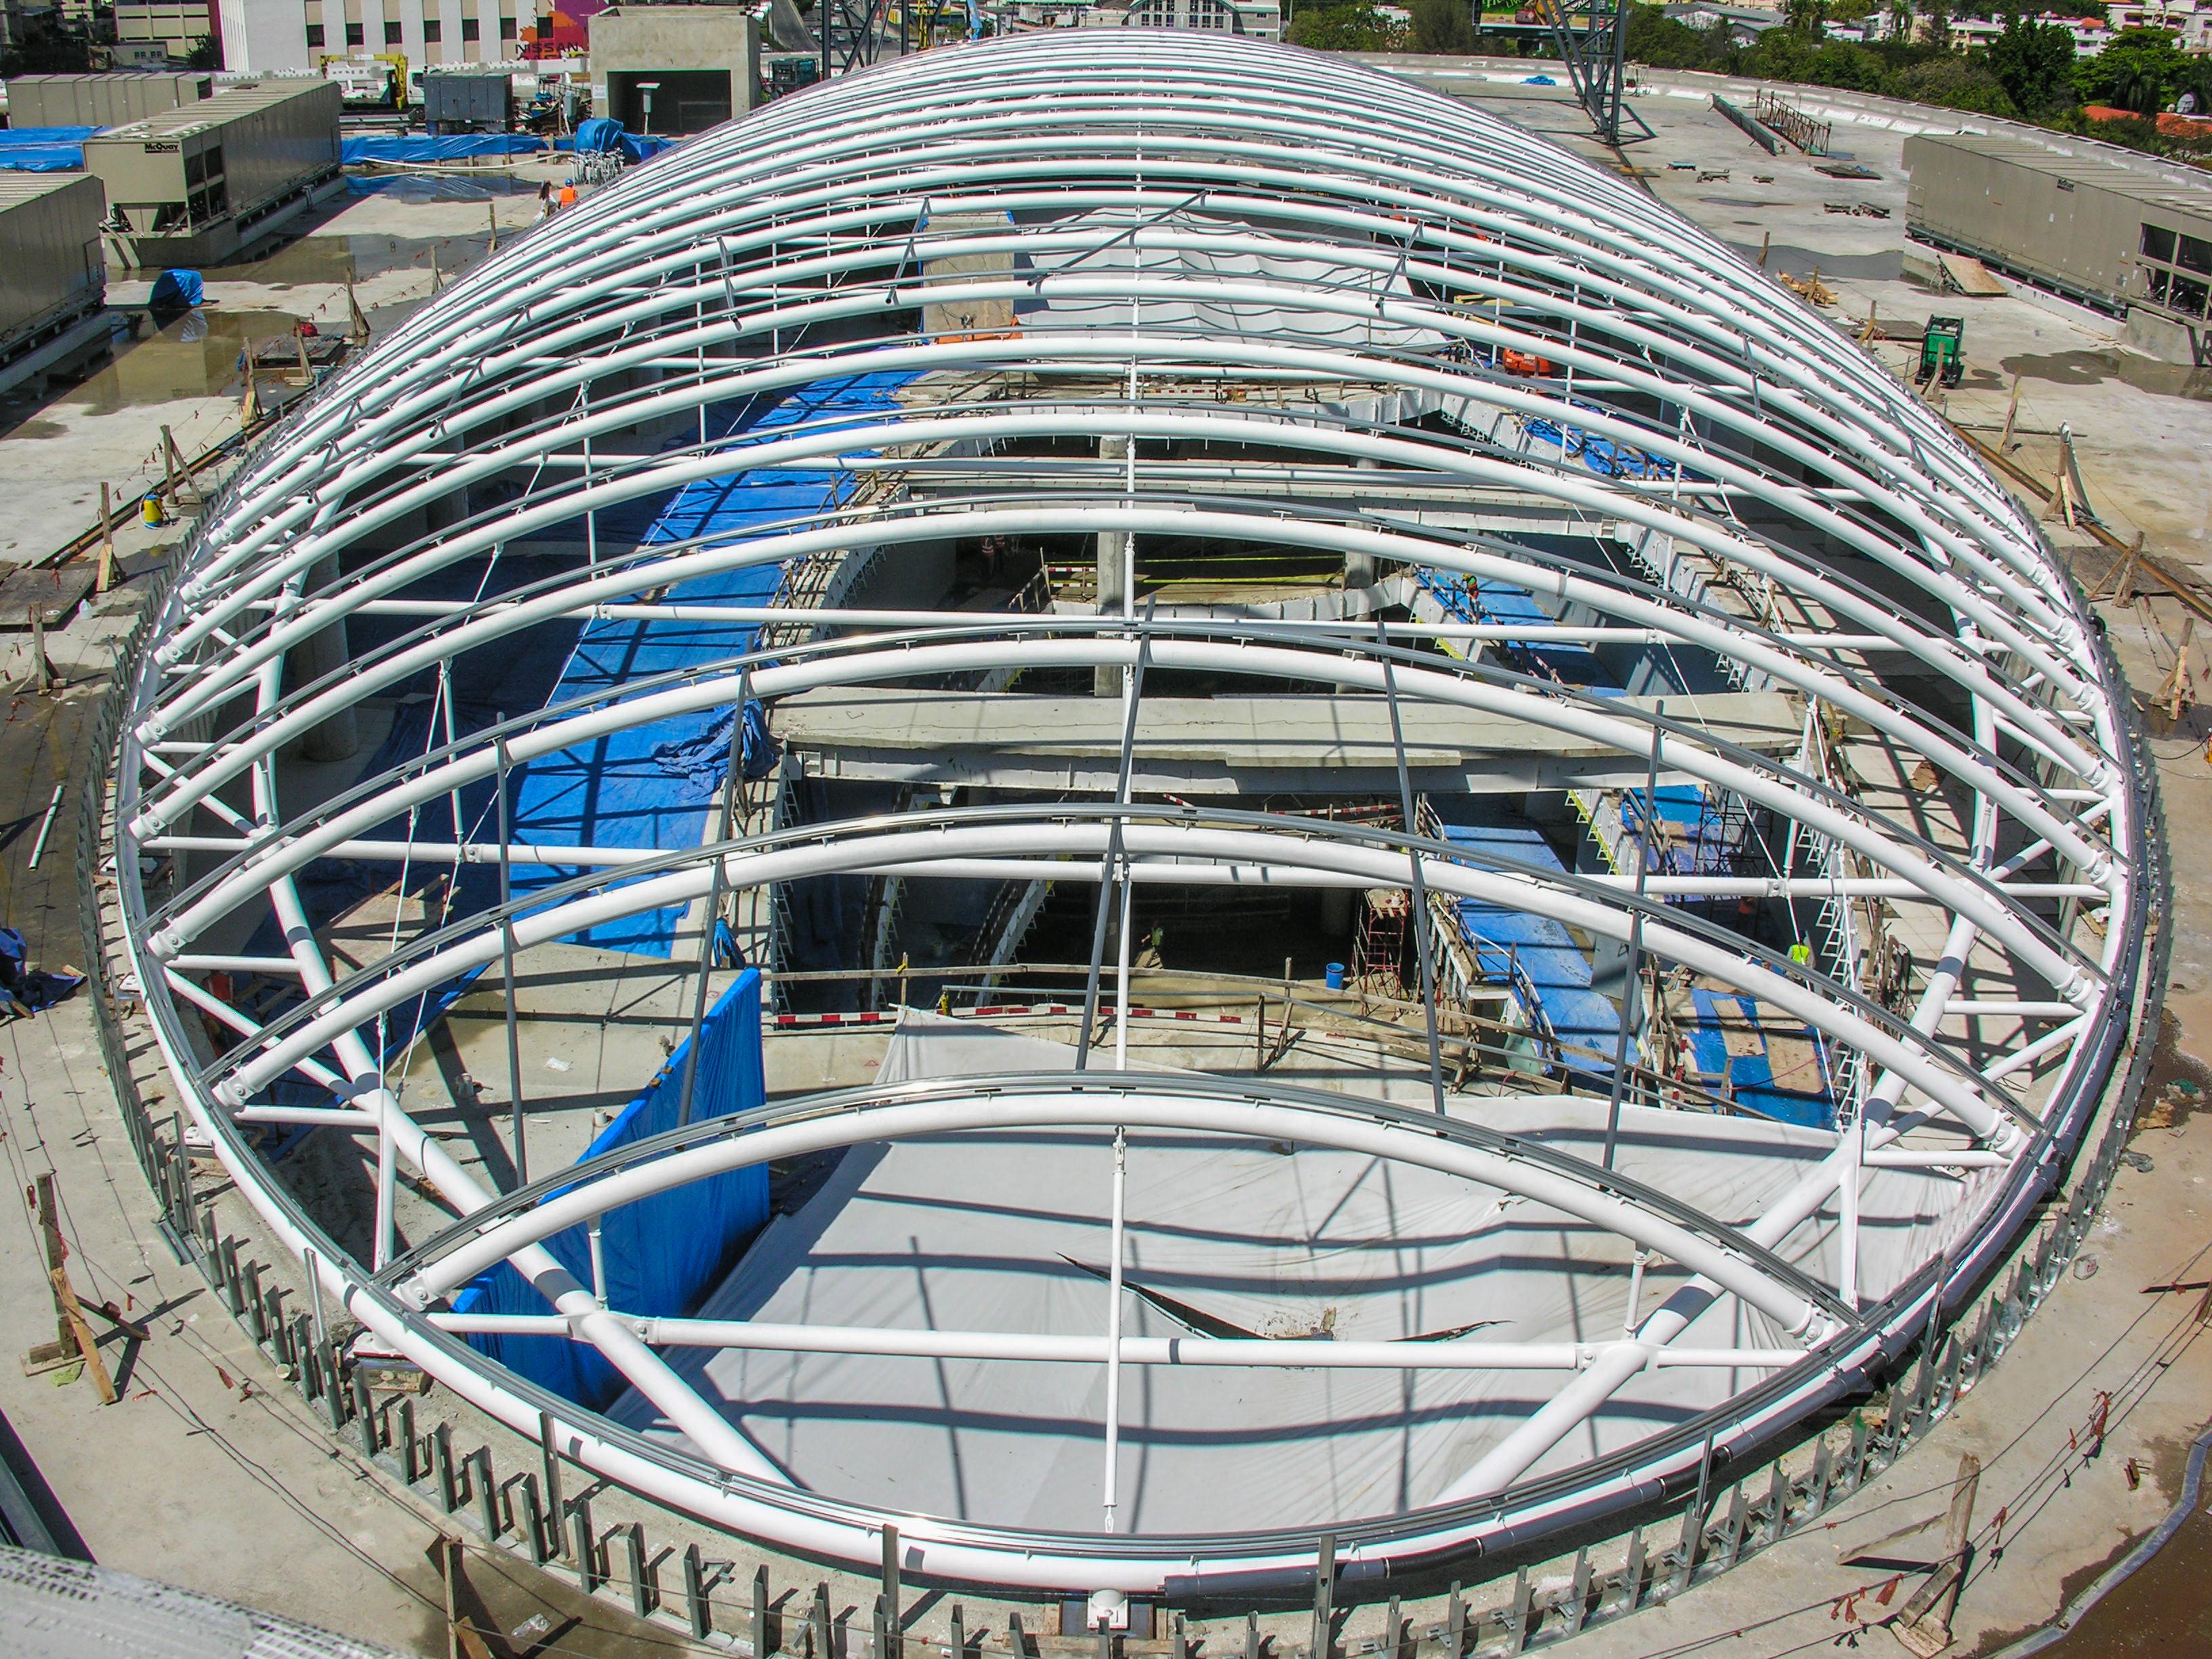 Foto aerea del Domo Agora Mall, localizado en el techo del centro comercial